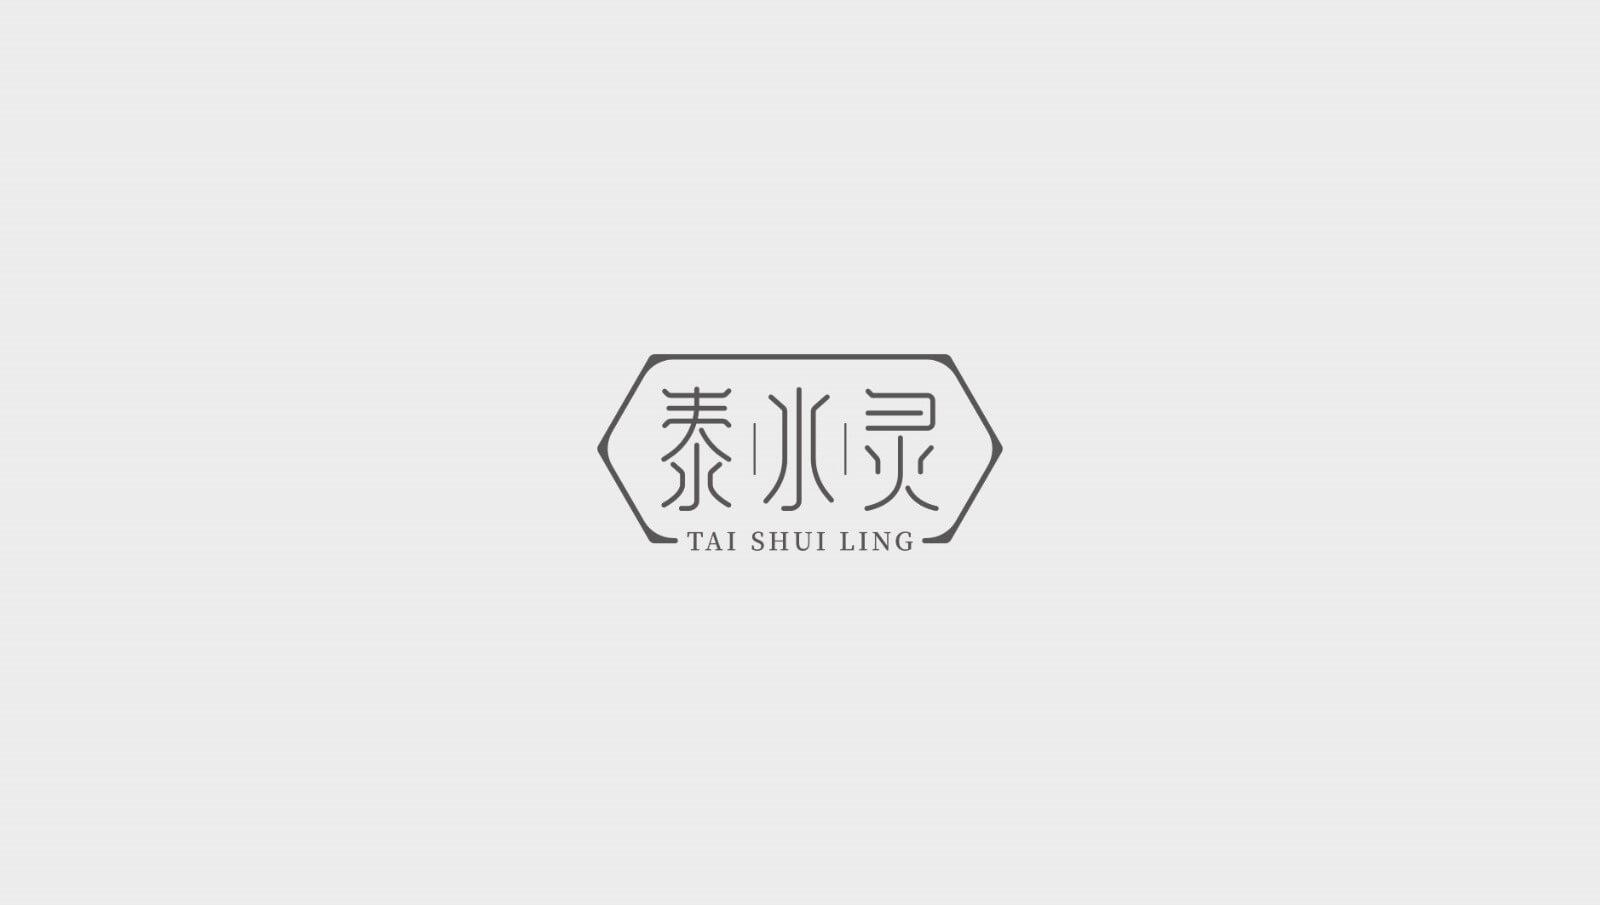 泰水灵logo设计